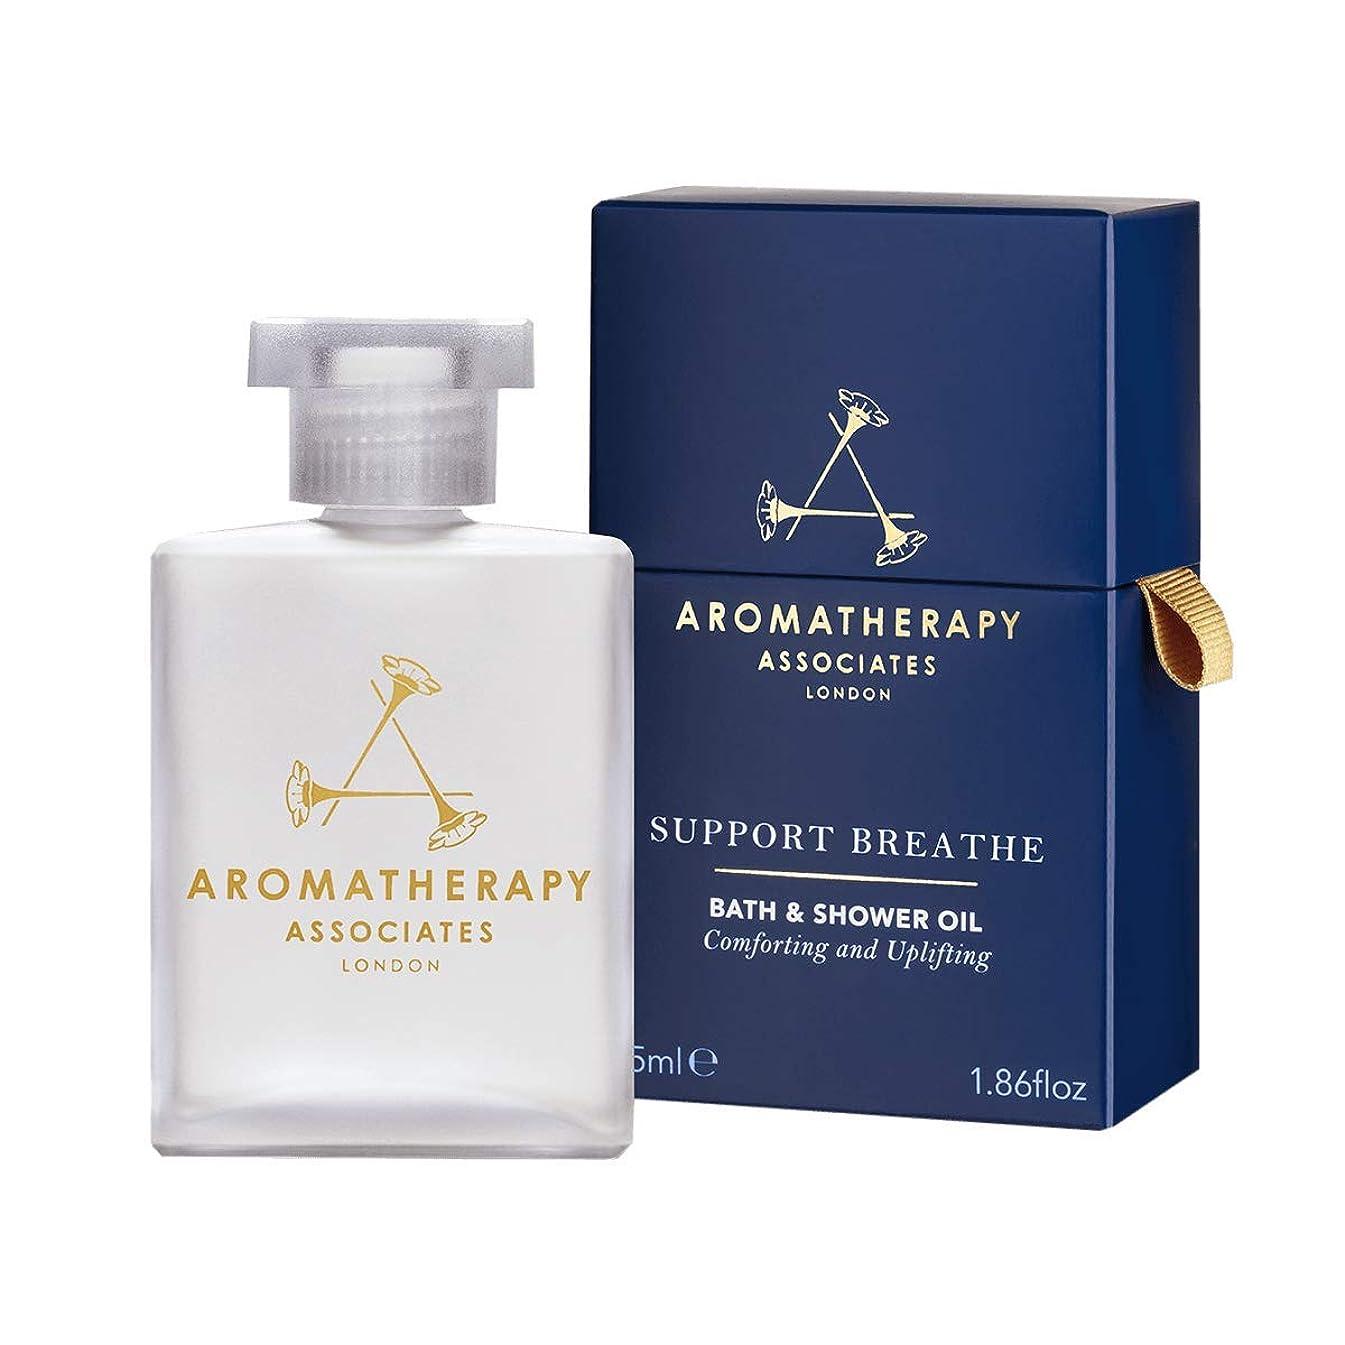 シネママトロン機関アロマセラピー アソシエイツ(Aromatherapy Associates) サポート ブリーズ バスアンドシャワーオイル 55ml [海外直送品] [並行輸入品]